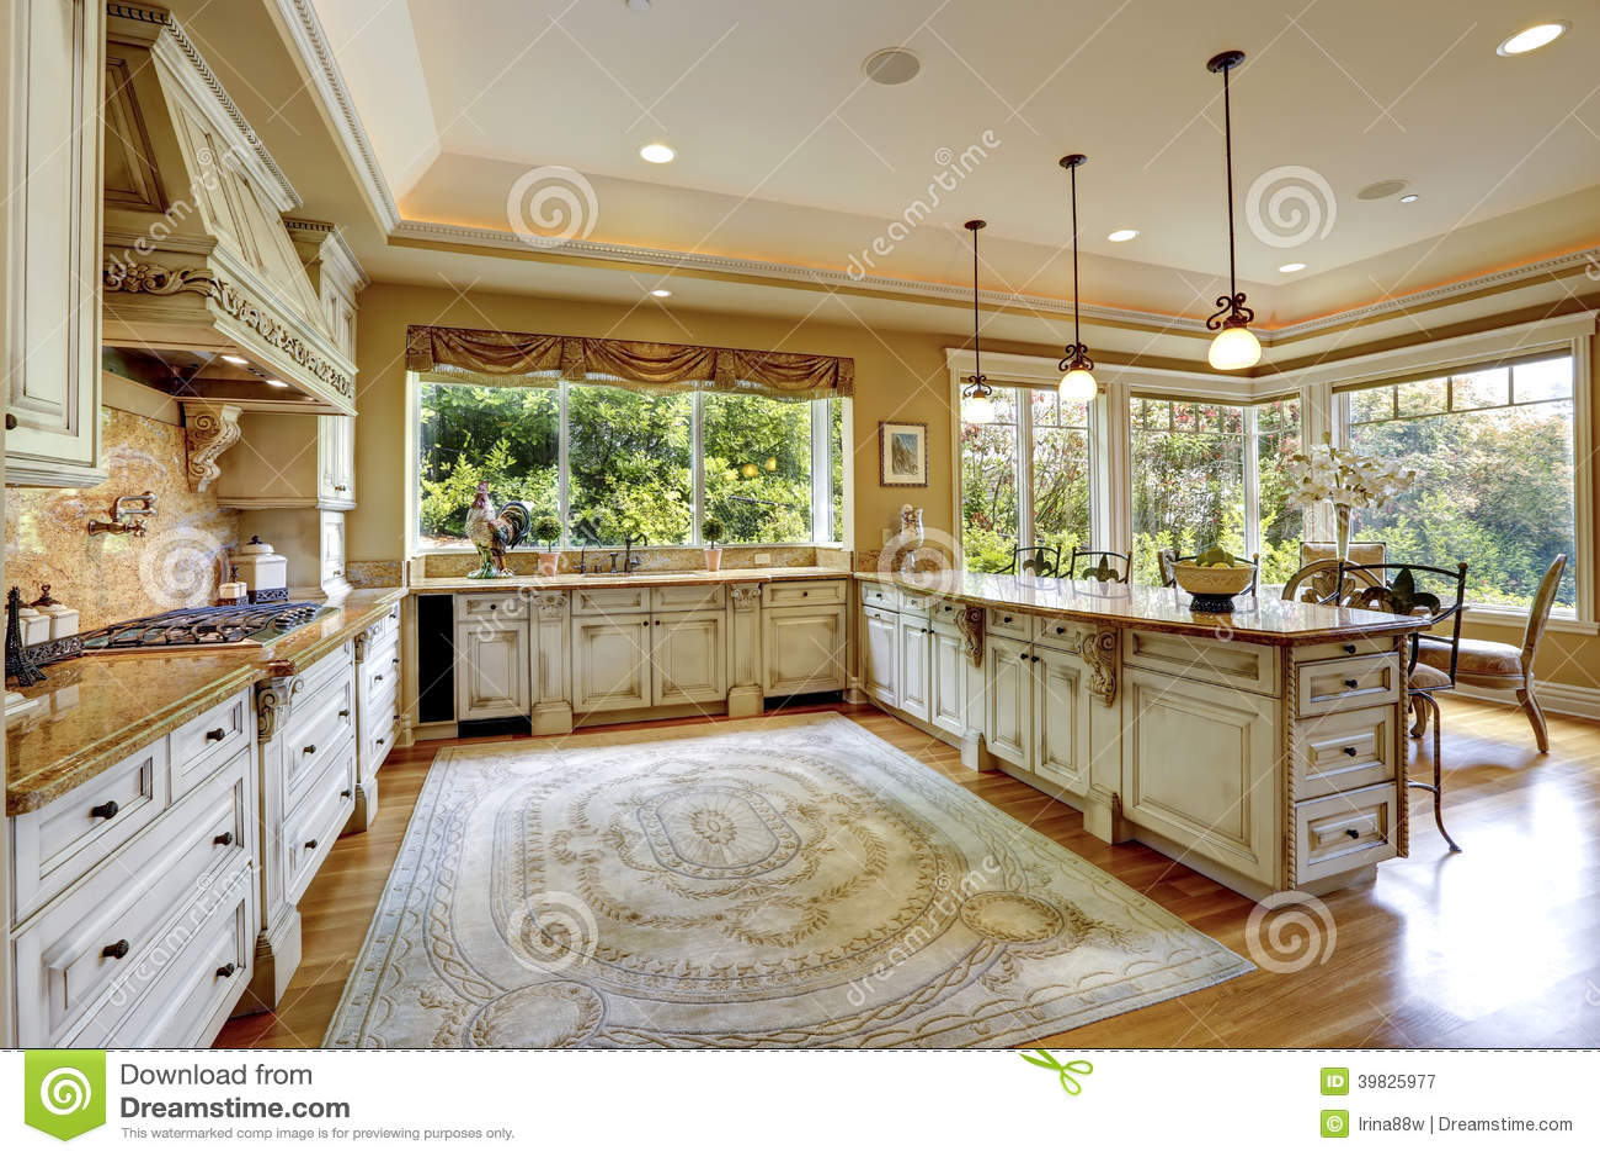 #829F2C  Da Casa. Armários De Cozinha Antigos Foto de Stock Imagem: 39825977 1300x957 px Planos De Armários De Cozinha_993 Imagens